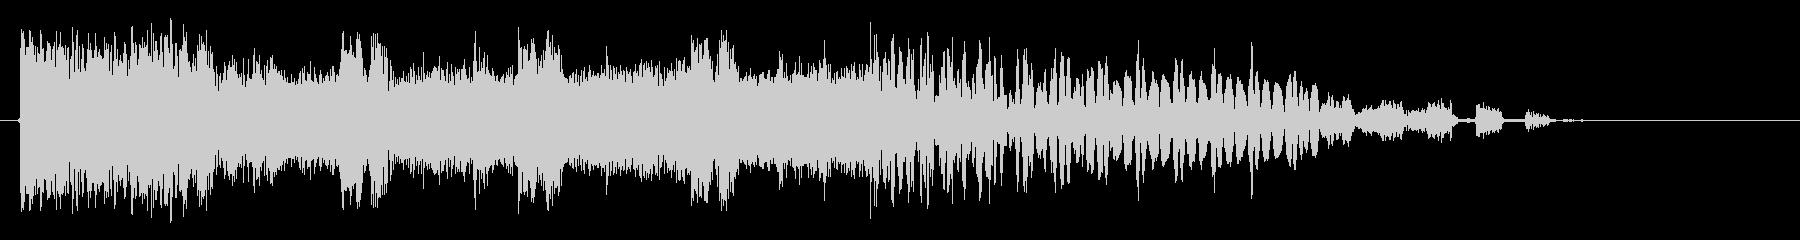 サイバーファンクの未再生の波形